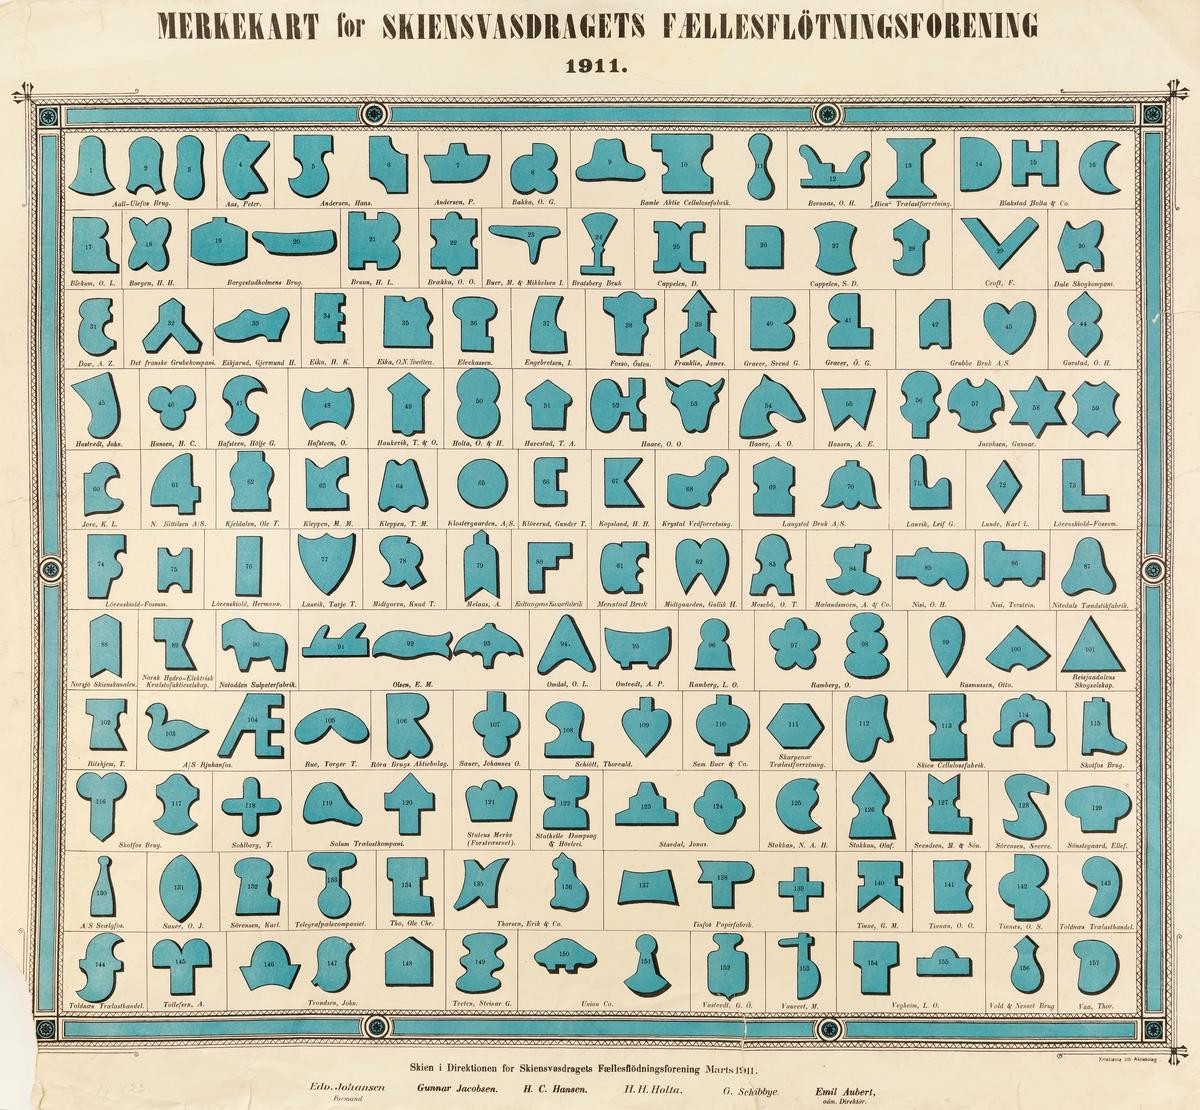 «MERKEKART for SKIENSVASDRAGETS FÆLLESFLØTNINGSFORENING 1911».  Kartet er trykt på et ark som er 70 centimeter bredt og 62, 5 centimeter høyt.  Under den siterte overskriften finner vi ei ramme med blå blå felt, avbrutt av rosetter som også er blåfargete, og med siksakmønstre langs ytterkantene.  Inni denne ramma finner vi 122 rektangulære ruter med fra ett til fire symboler i hver.  Disse symbolene har svart omramming med antydning til skyggelegging, og de er fylt med blått fargestoff.  Dette er tømmermerker som ble brukt av de aktørene som kjøpte og fikk fløtet tømmer i Skiensvassdraget i 1911.  Følgende tømmerhandlere er representert på merkekartet:  Aall-Ulefos Brug (tre merker) Aas, Peter (ett merke) Andersen, Hans (to merker) Bakka, O. G. (ett merke) Bamle Akte Cellulosefabrik (tre merker) Bernaas, O. H. (ett merke) «Bien» Trælastforretning (ett merke) Blakstad Holta & Co. (tre merker) Blekum, O. L. (ett merke) Borgen, H. H. (ett merke) Borgestadholmens Brug (to merker) Bruun, H. L. (ett merke) Brækka, O. O. (ett merke) Buer, M. & Mikkelsen, I. (ett merke) Bratsberg Bruk (ett merke) Cappelen, D. (ett merke) Cappelen, S. D. (tre merker) Croft, F. (ett merke) Dale Skogkompani (ett merke) Daw, A. Z. (ett merke) Det franske Grubekompani (ett merke) Eikjarud, Gjermund H. (ett merke) Eika, H. K. (ett merke) Eika, O. N. Tvedten (ett merke) Elvekassen (ett merke) Engebretsen, I. (ett merke) Fosso, Østen (ett merke) Franklin, James (ett merke) Graver, Svend G. (ett merke) Graver, Ø. G. (ett merke) Grubbe Bruk A/S (to merker) Gurstad, O. H. (ett merke) Hustvedt, John (ett merke) Hansen, H. C. (ett merke) Hafsteen, Hølje G. (ett merke) Hafsteen, O. (ett merke) Haukevik, T. & O. (ett merke) Holta, O. & H. (ett merke) Huvestad, T. A. (ett merke) Haave, O. O. (to merker) Haave, A. O. (ett merke) Hansen, A. E. (ett merke) Jacobsen, Gunnar (fire merker) Jore, K. L. (ett merke) N. Kittilsen A/S (ett merke) Kjeldalen, Ole T. (ett merke) Kleppen, M. M. (ett merke) Kleppen, T. M.